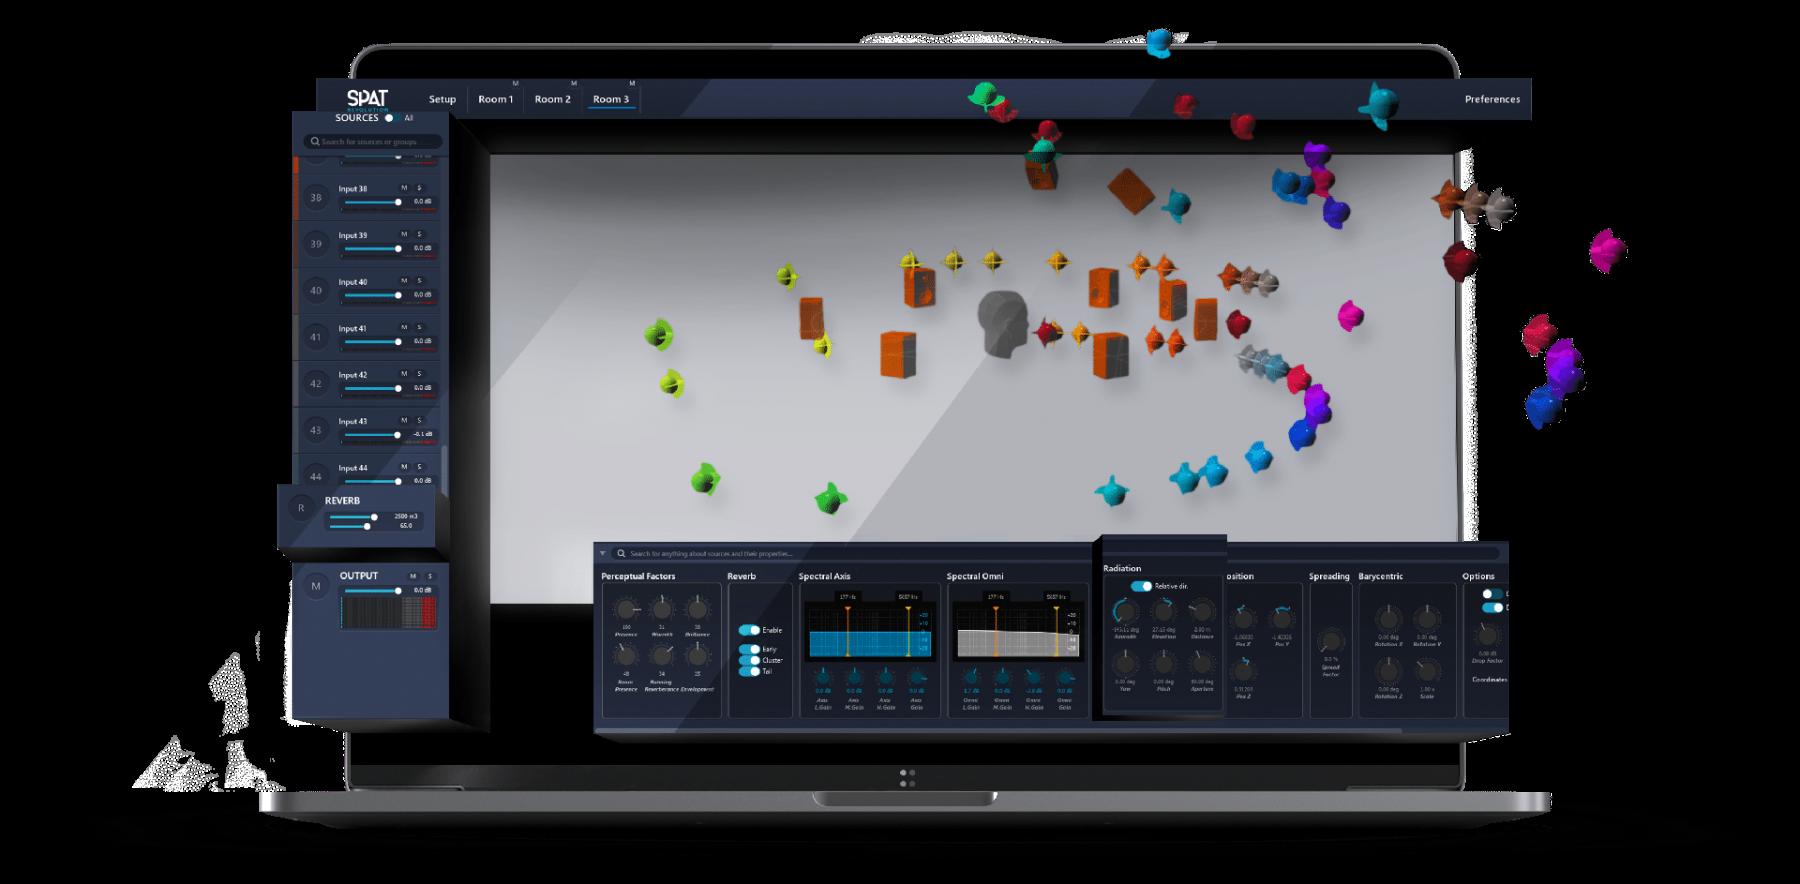 Spat Revolution沉浸式音频引擎中的自定义扬声器配置